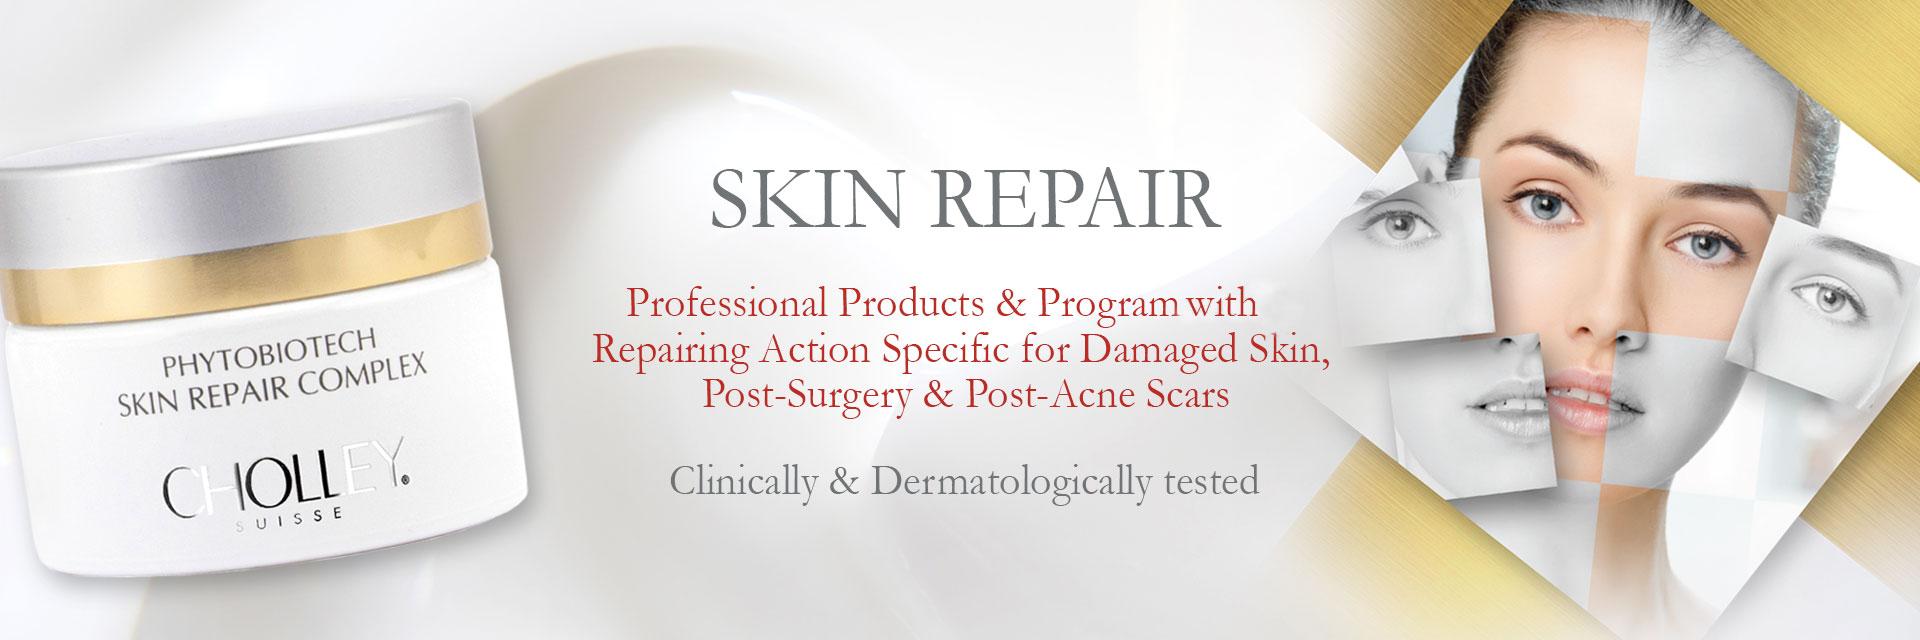 CHOLLEY Best Skin Repair